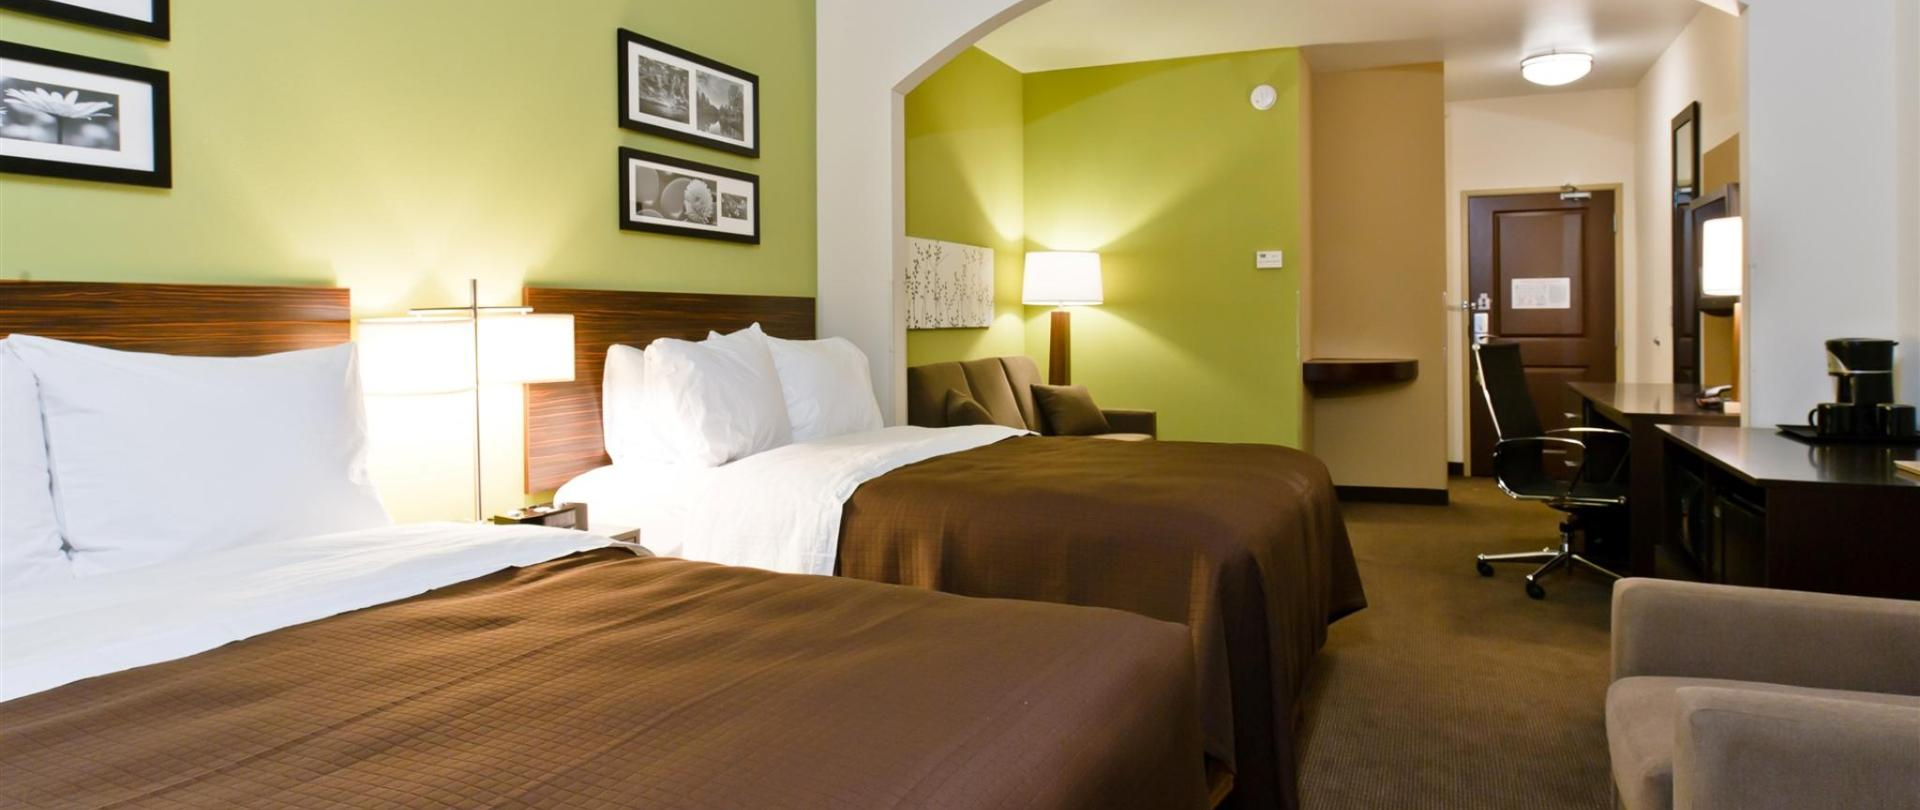 ks148-sleep-inn-queen-suite-3.jpg